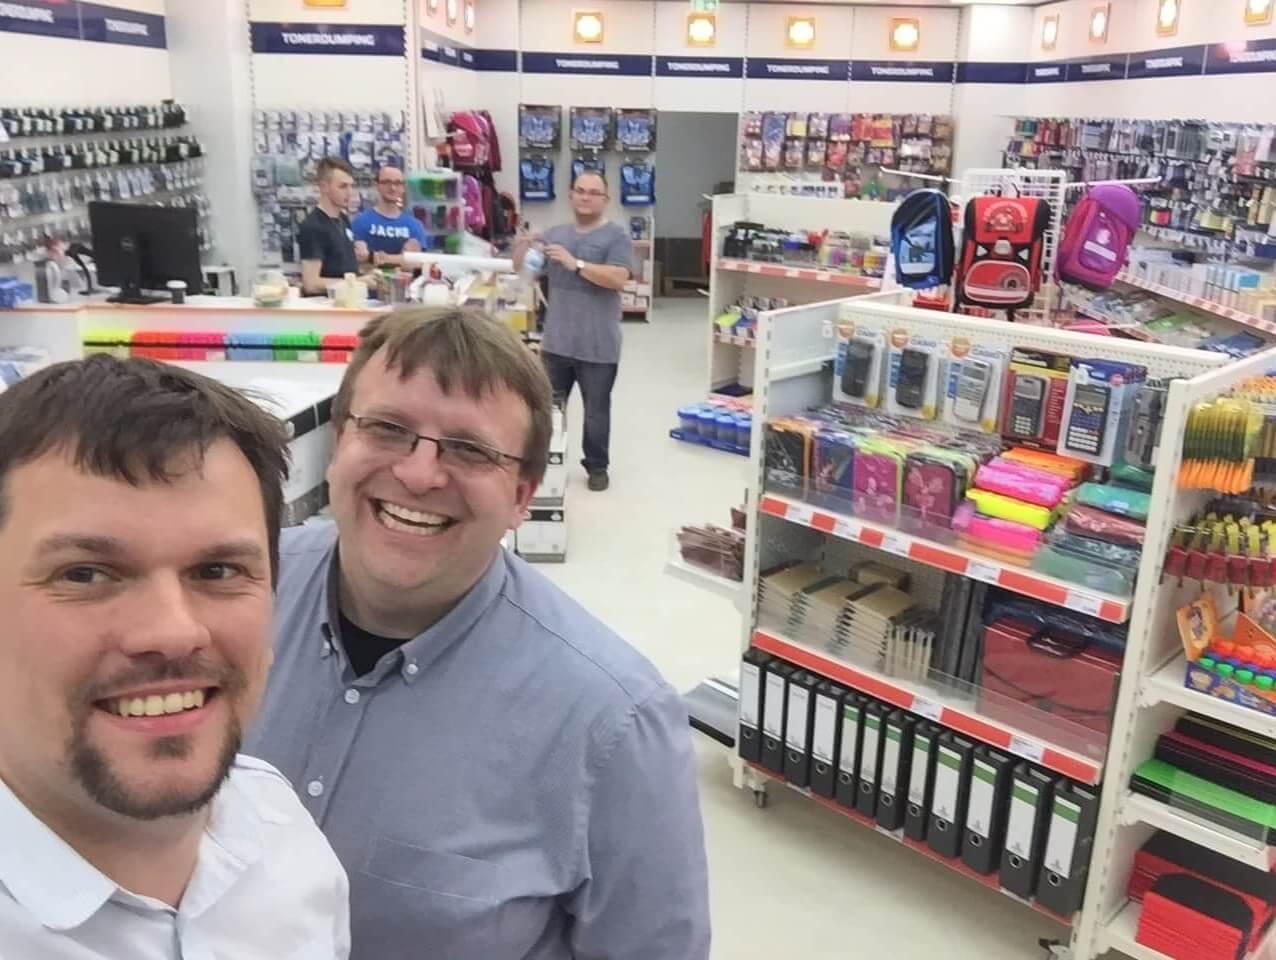 Und noch ein Selfie vom Gesundbrunnen-Laden